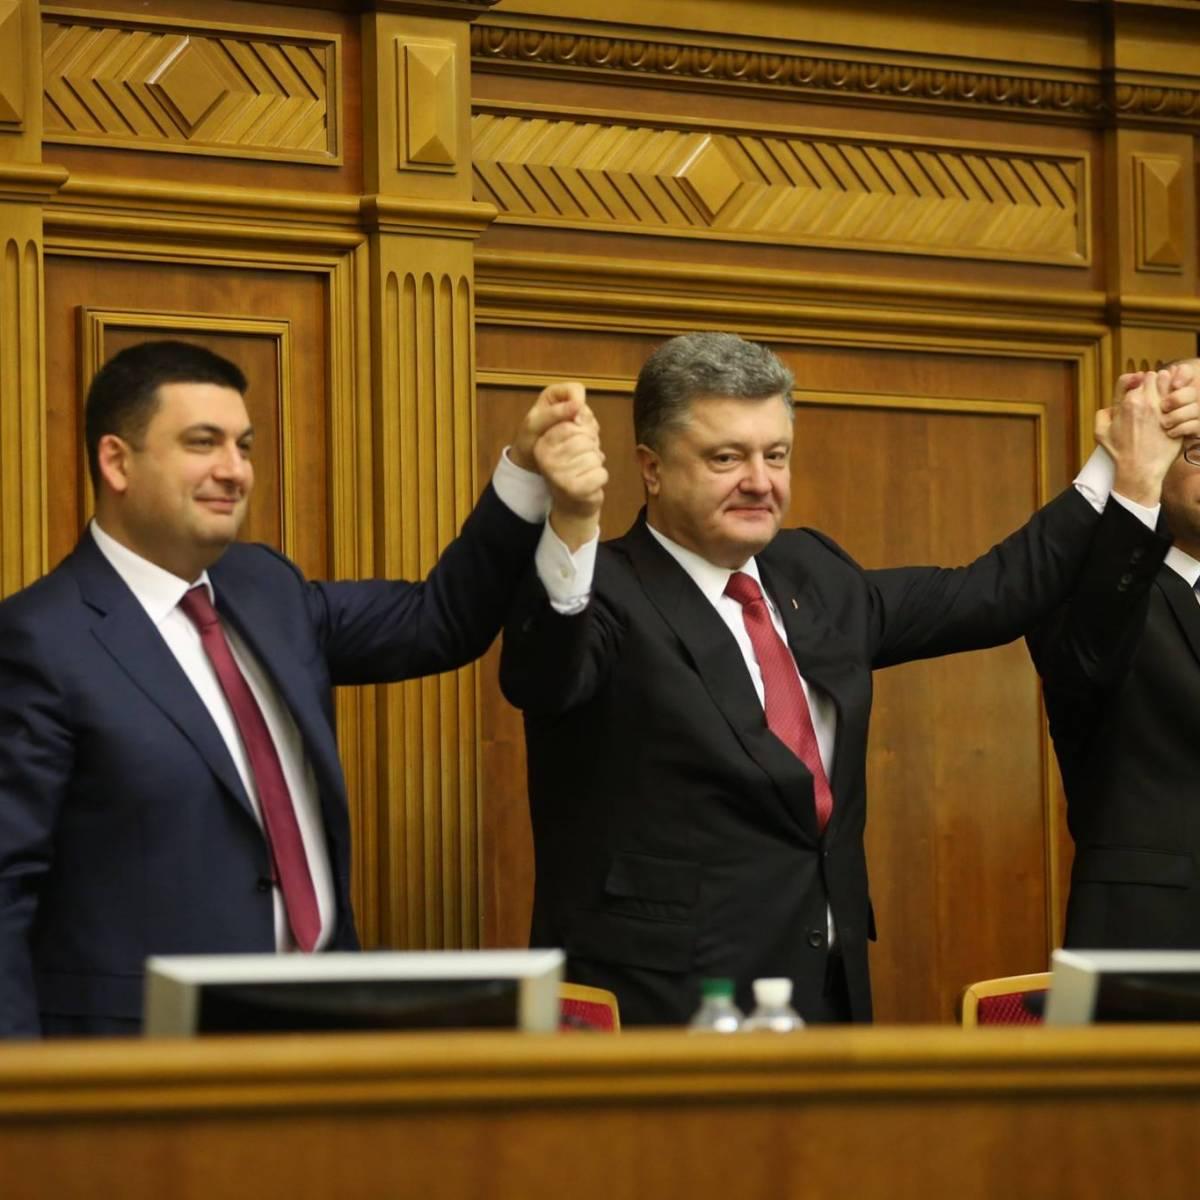 Переспевшие груши киевского режима